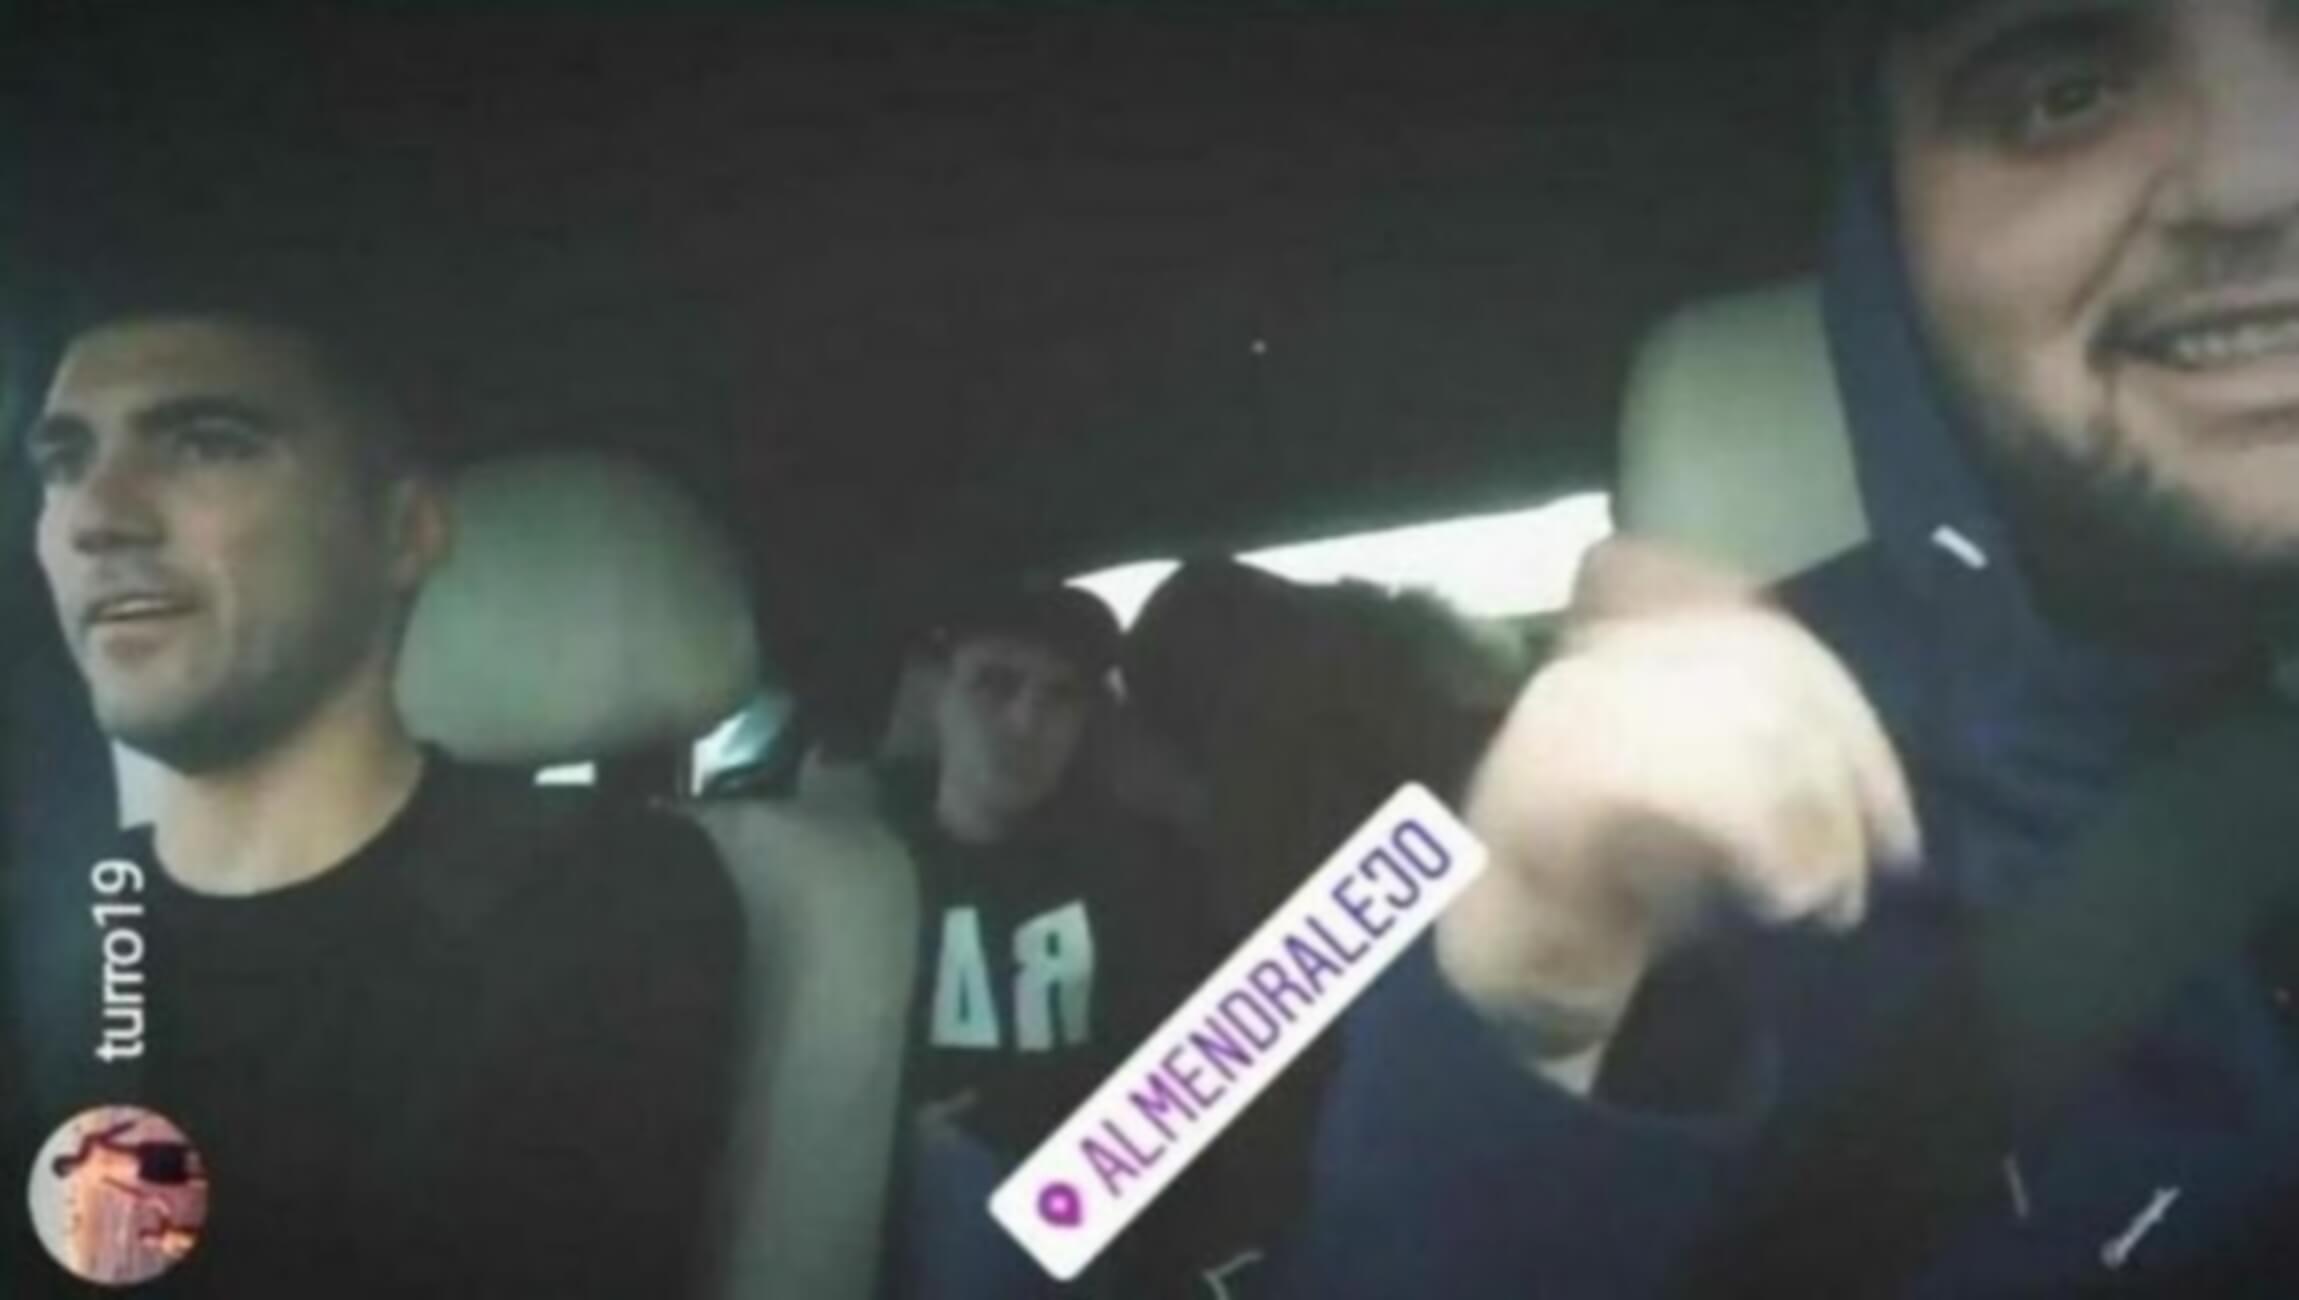 Ανατριχίλα για Ρέγιες! Φωτογραφία μέσα από το αυτοκίνητο λίγο πριν πεθάνει